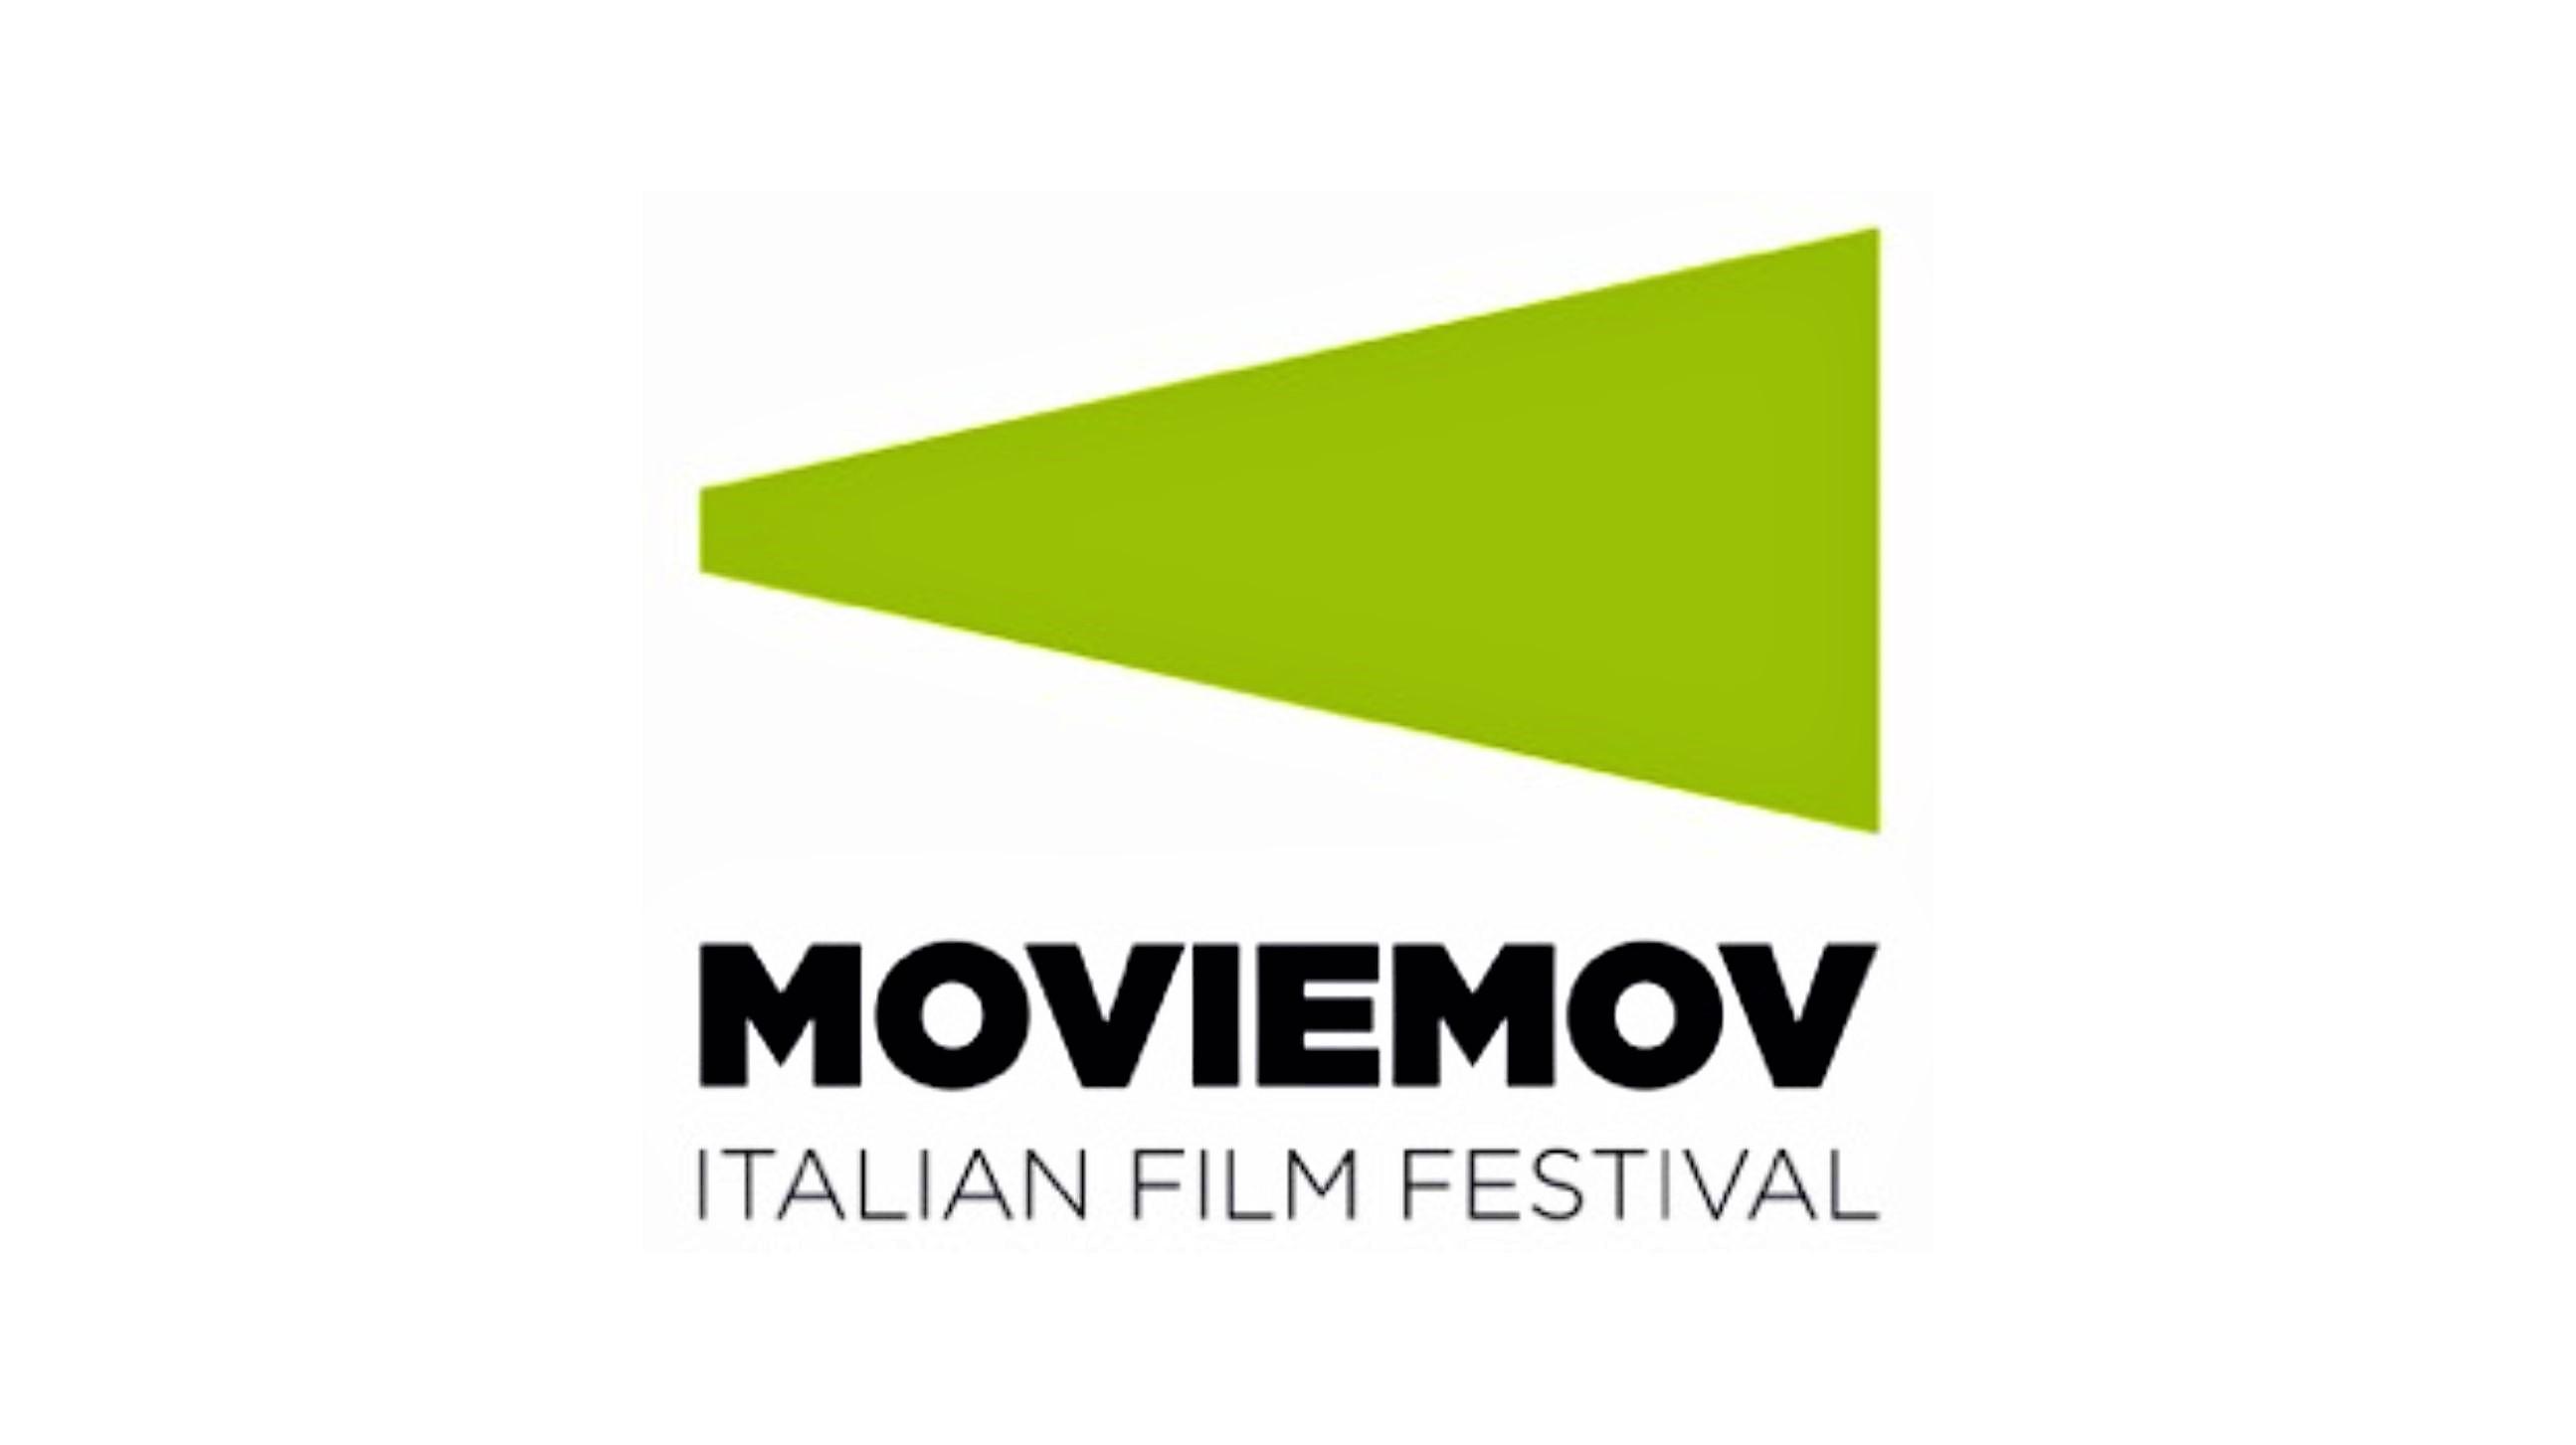 moviemov 2019 premiazione zerkalo spettacolo